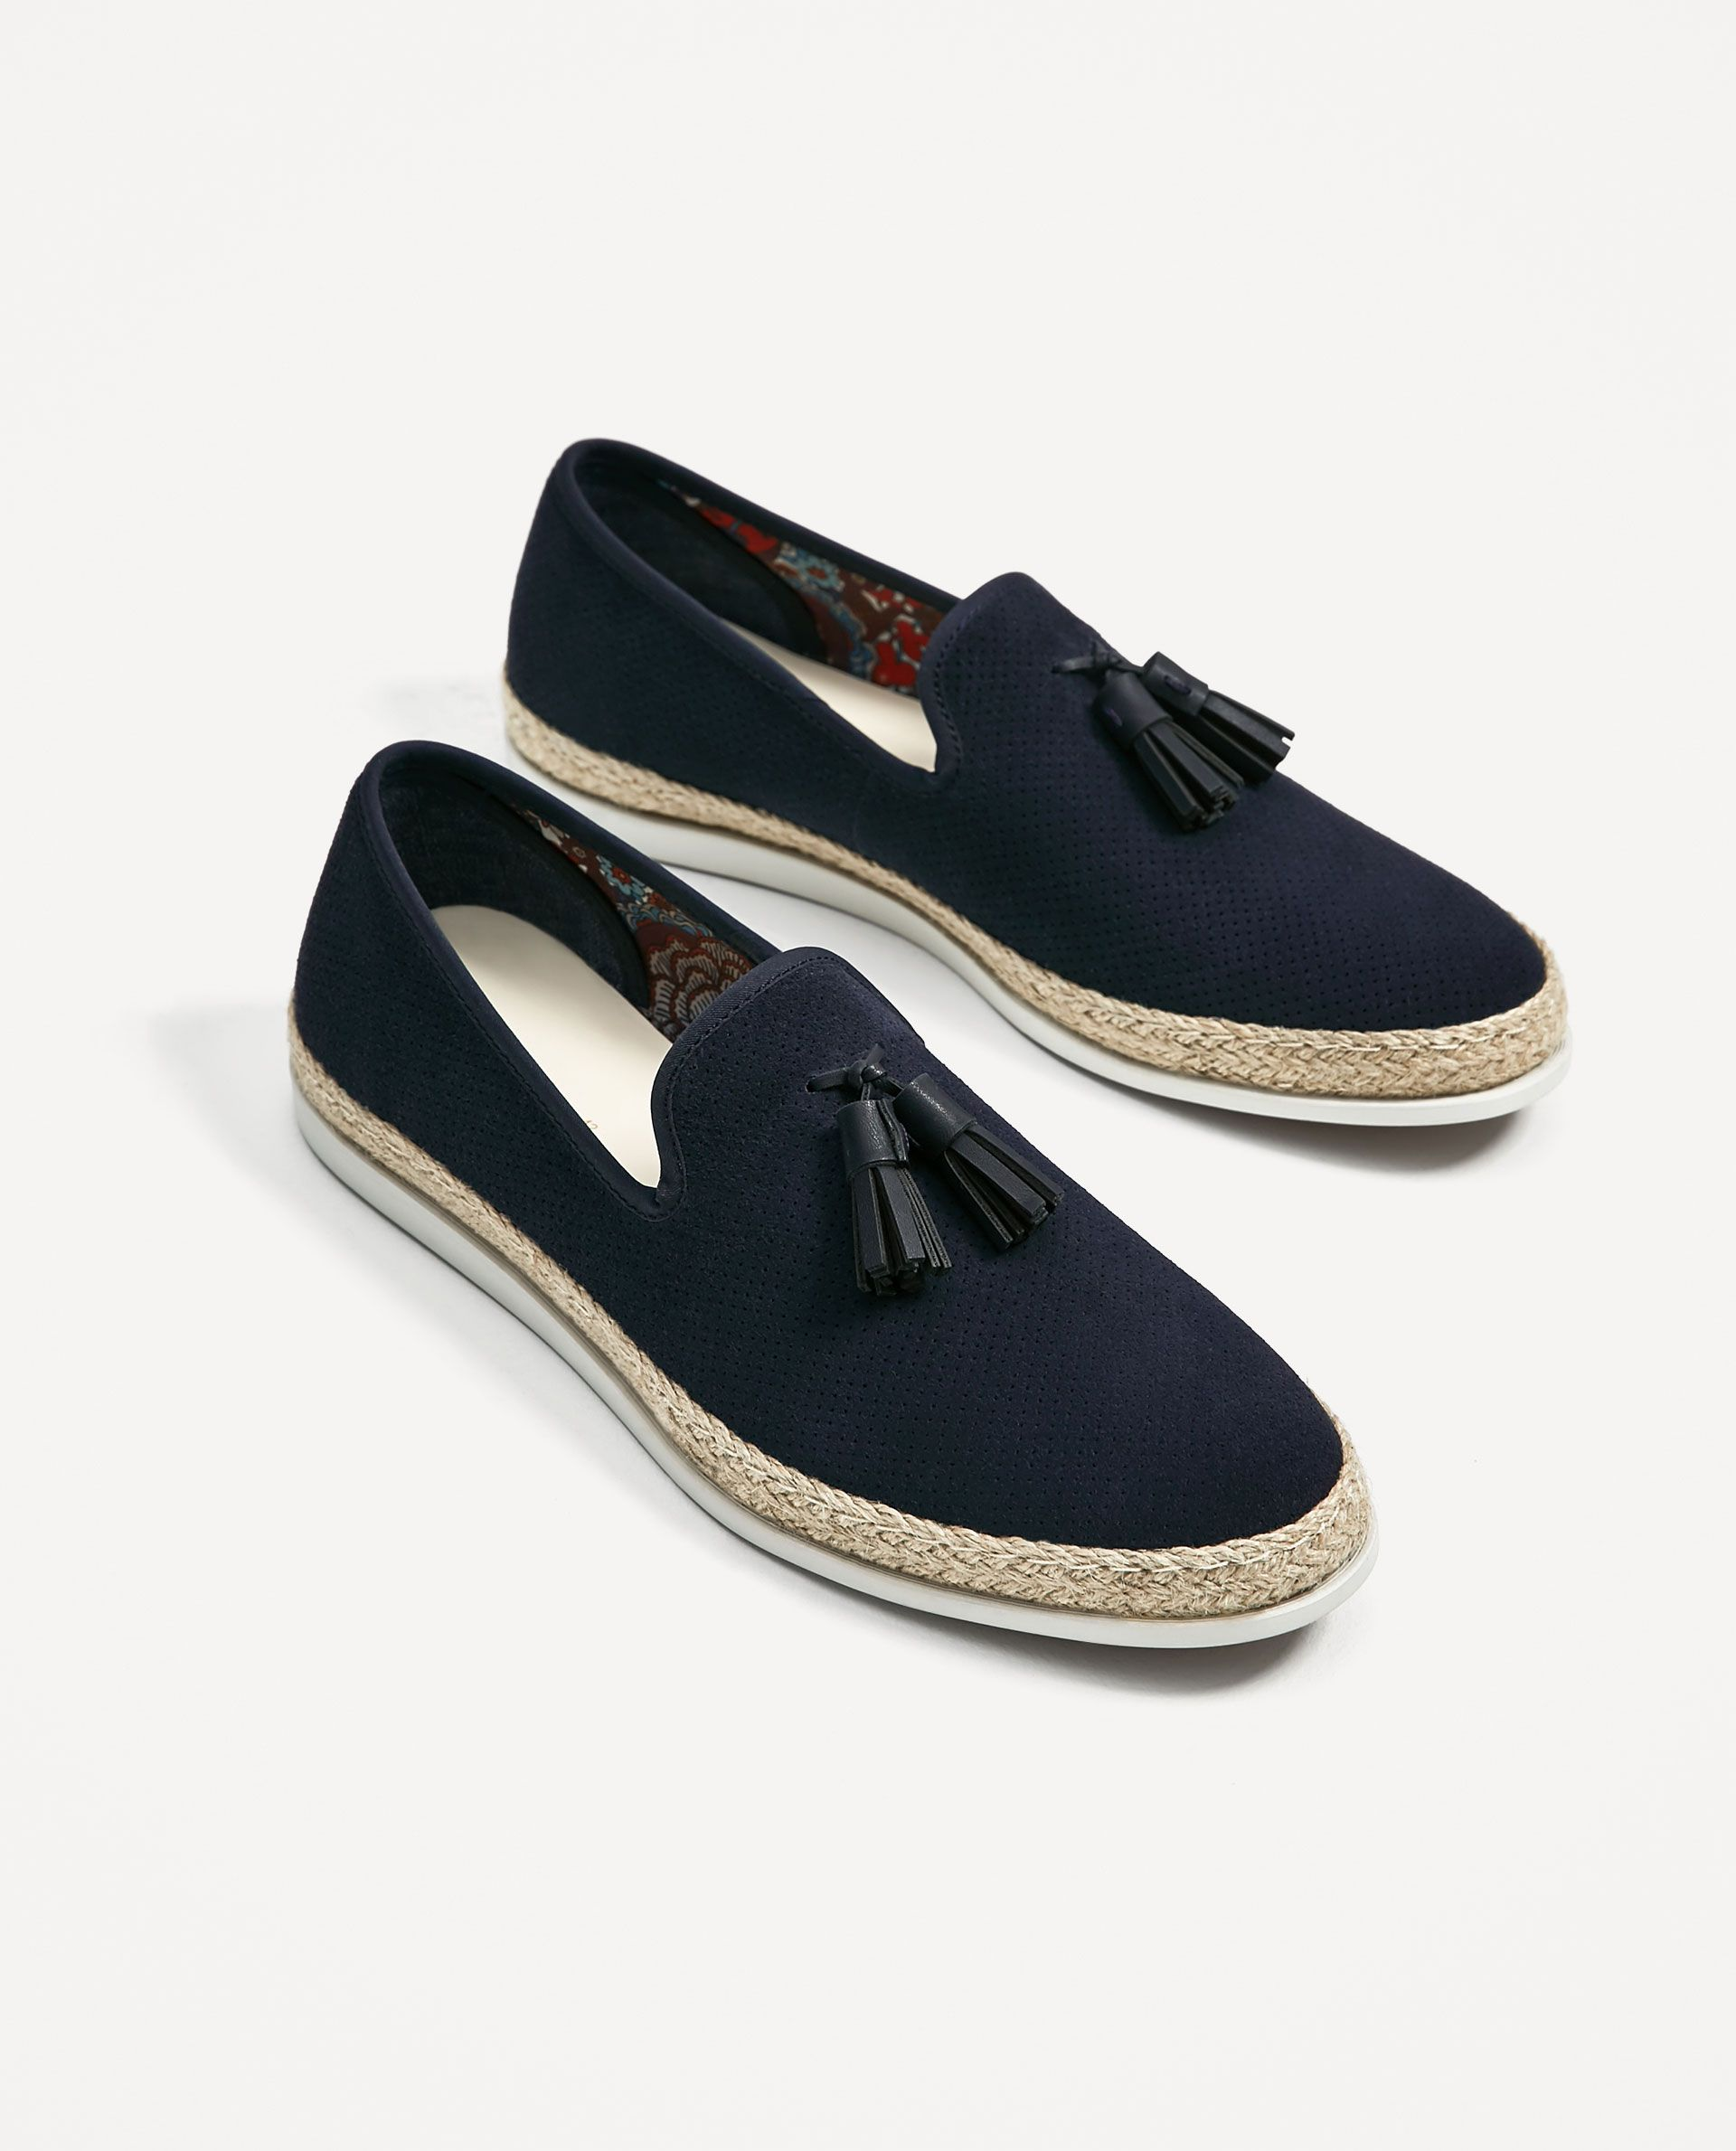 MOCASÍN PIEL AZUL SUELA YUTE is part of Shoes - Mocasín piel serraje  Color azul marino  Suela con combinación de materiales y yute natural  Detalle de grabado en la piel y doble borla en empeine